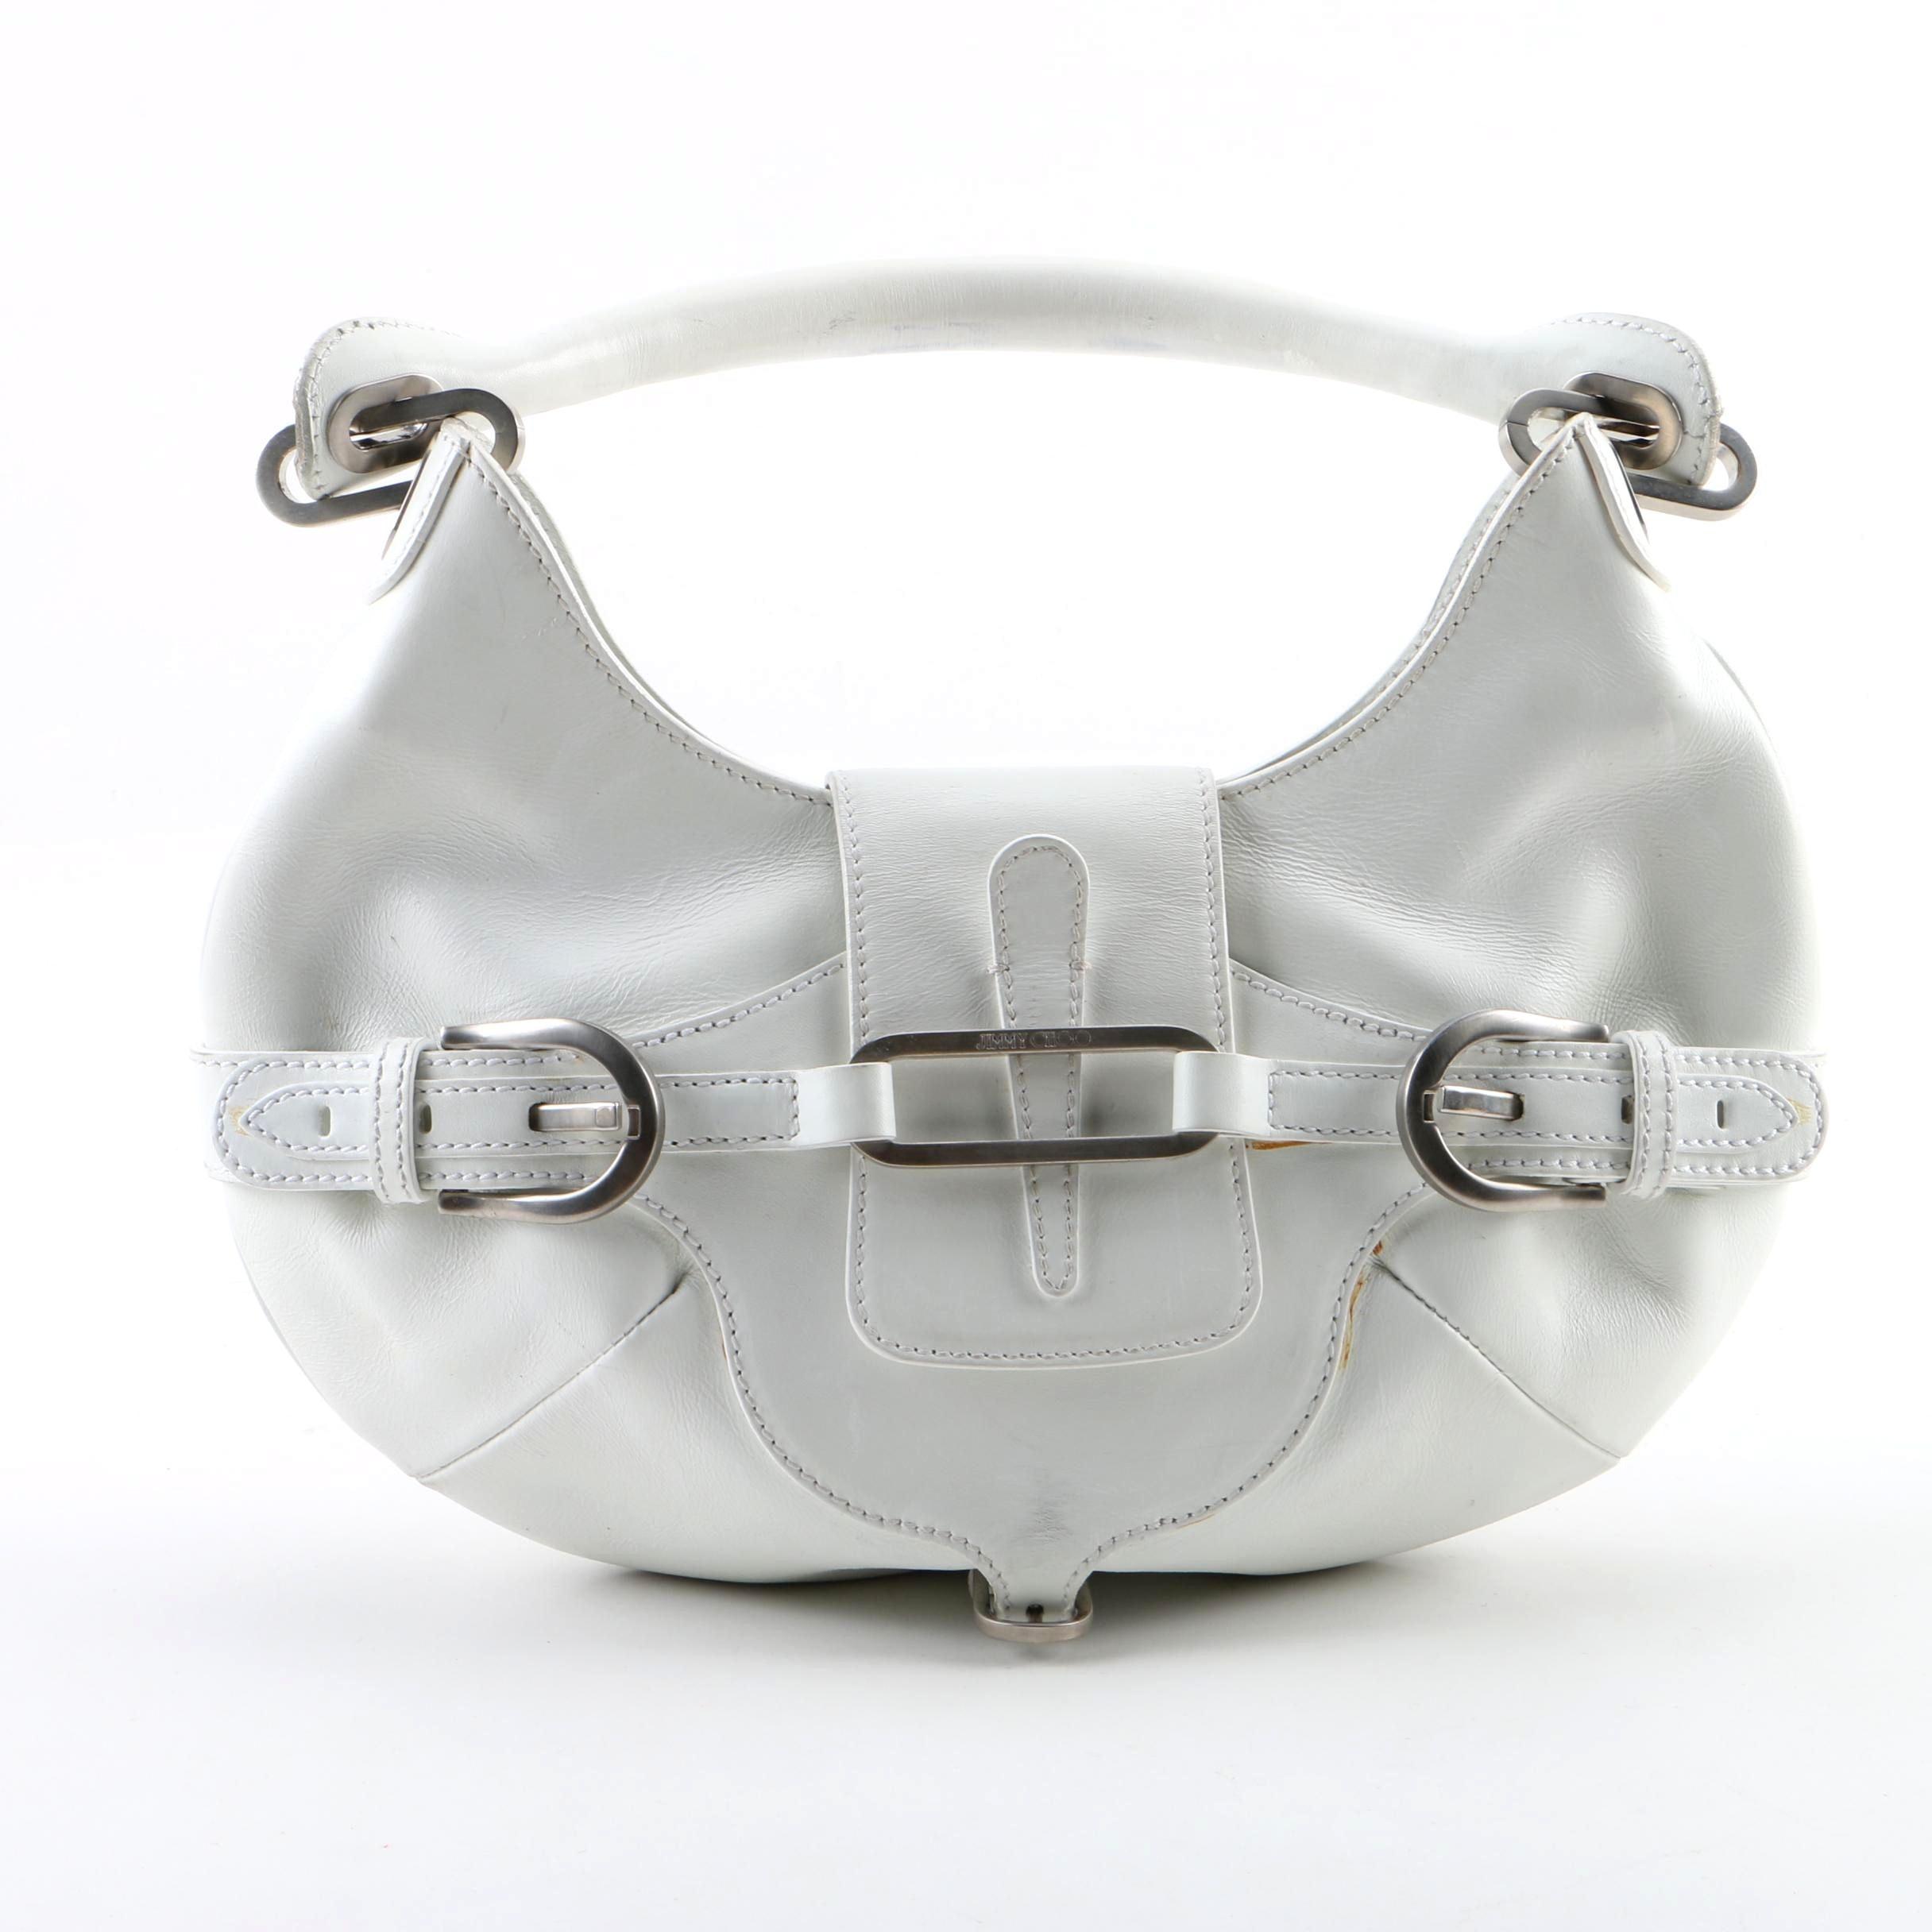 Jimmy Choo White Leather Small Tulita Hobo Bag